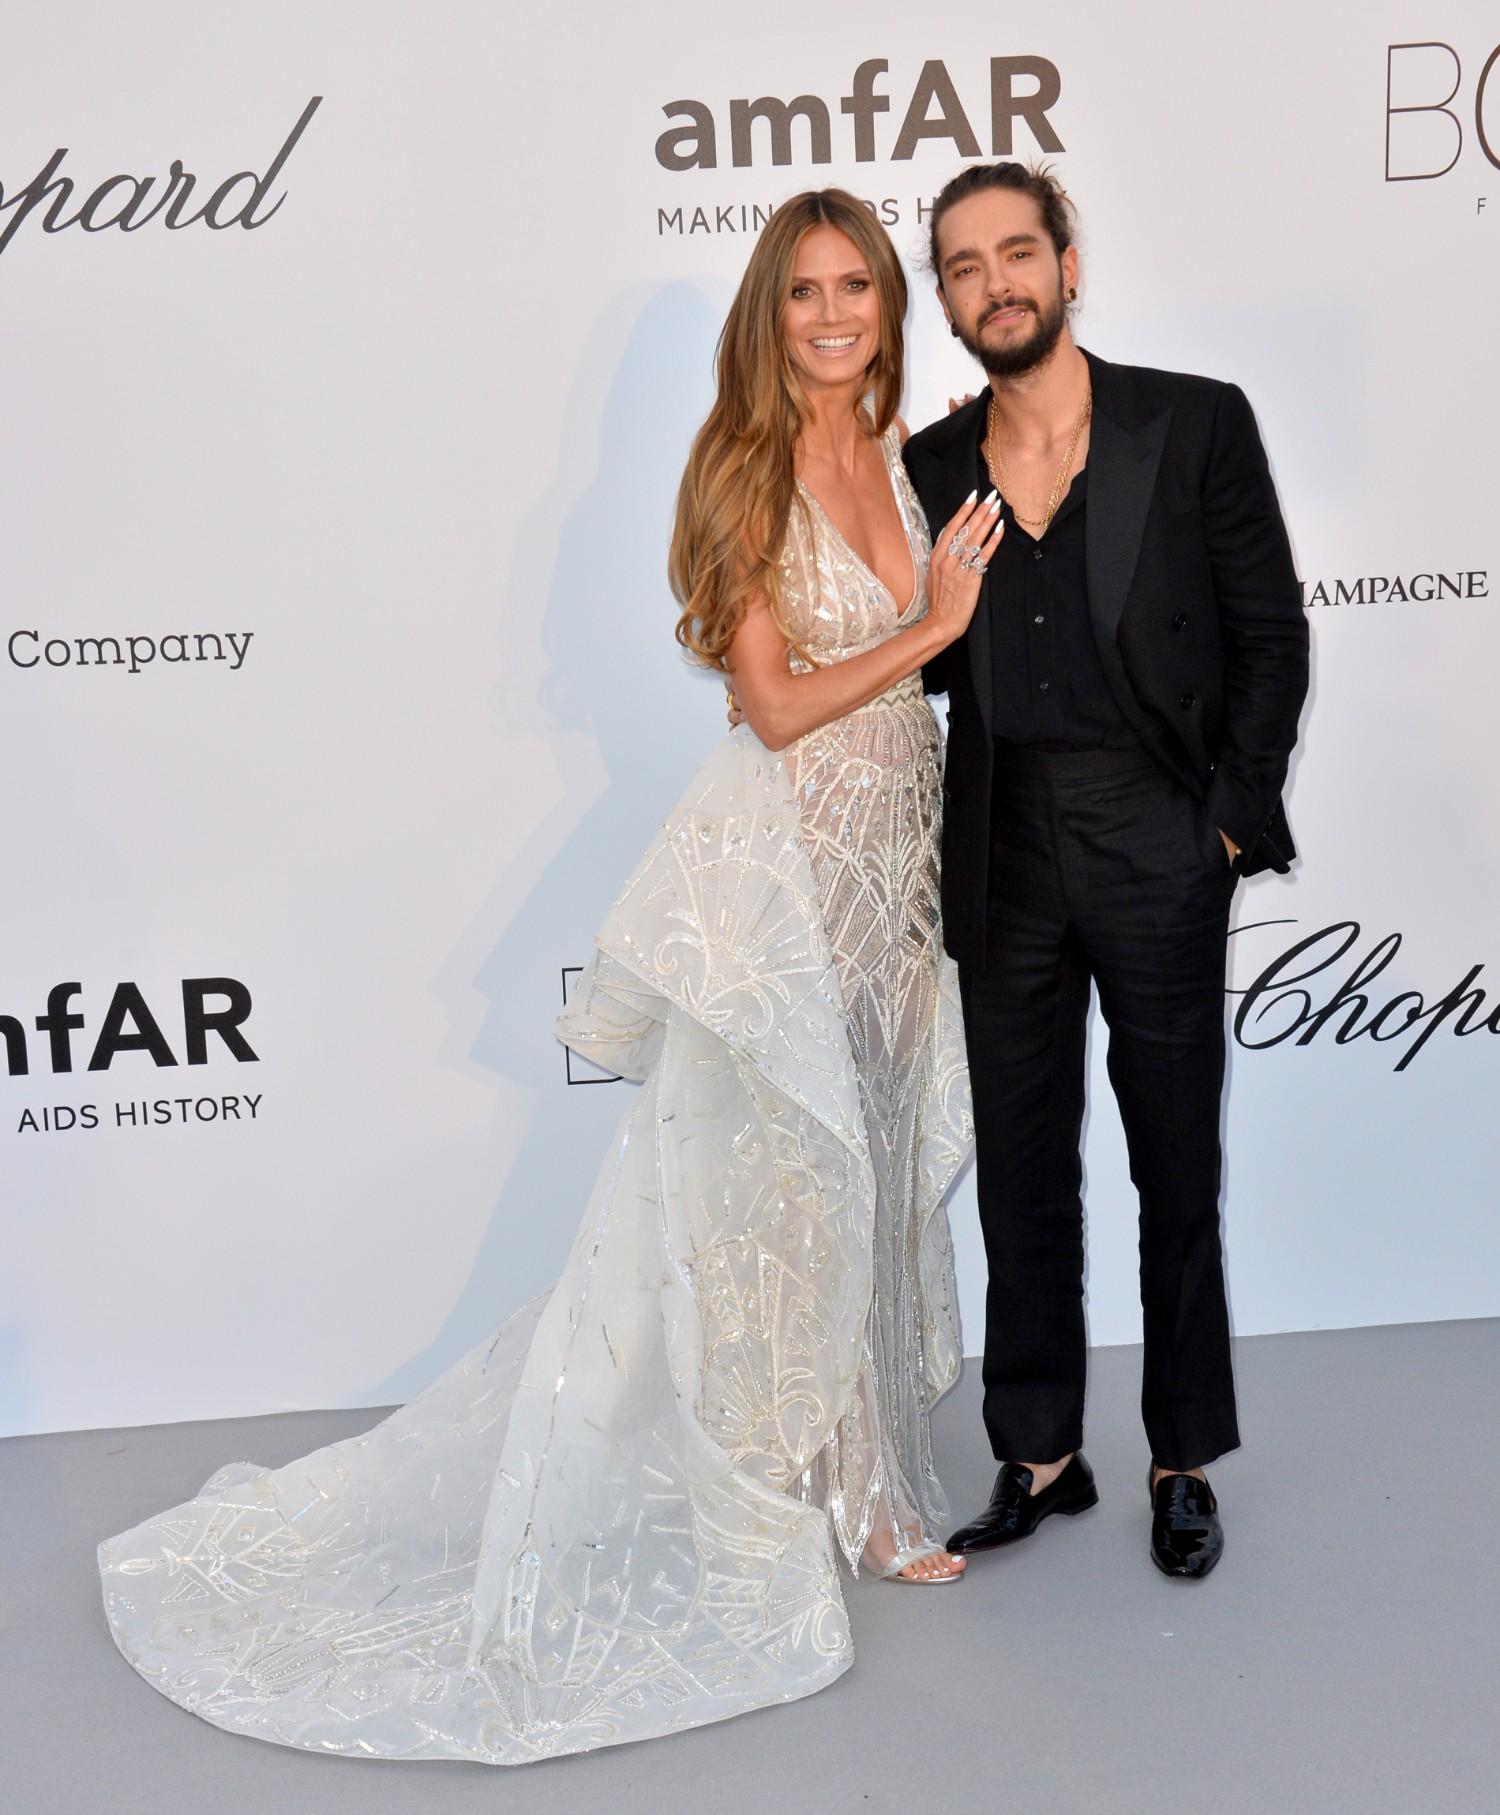 כוכבים מתחת לחופה: חתונות הסלבס שיעשו את 2019